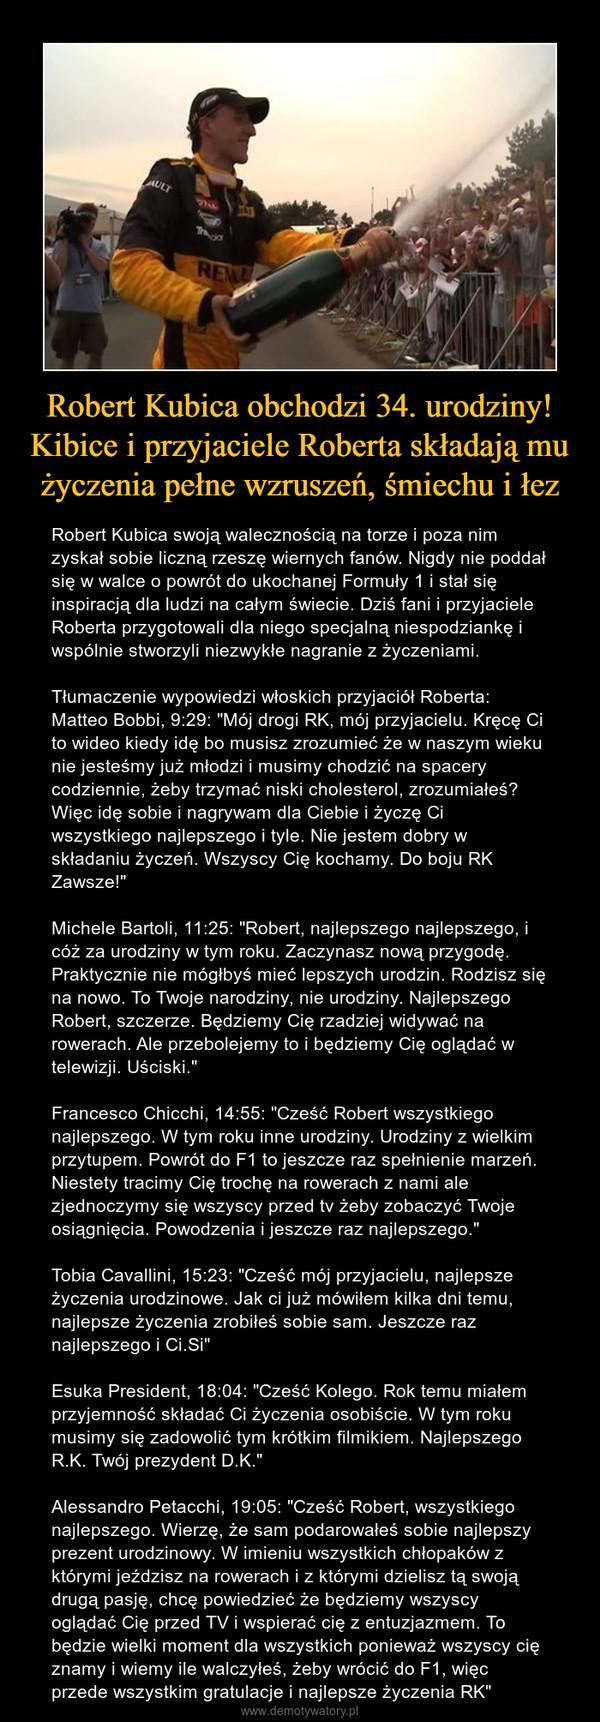 """Robert Kubica obchodzi 34. urodziny! Kibice i przyjaciele Roberta składają mu życzenia pełne wzruszeń, śmiechu i łez – Robert Kubica swoją walecznością na torze i poza nim zyskał sobie liczną rzeszę wiernych fanów. Nigdy nie poddał się w walce o powrót do ukochanej Formuły 1 i stał się inspiracją dla ludzi na całym świecie. Dziś fani i przyjaciele Roberta przygotowali dla niego specjalną niespodziankę i wspólnie stworzyli niezwykłe nagranie z życzeniami.Tłumaczenie wypowiedzi włoskich przyjaciół Roberta:Matteo Bobbi, 9:29: """"Mój drogi RK, mój przyjacielu. Kręcę Ci to wideo kiedy idę bo musisz zrozumieć że w naszym wieku nie jesteśmy już młodzi i musimy chodzić na spacery codziennie, żeby trzymać niski cholesterol, zrozumiałeś? Więc idę sobie i nagrywam dla Ciebie i życzę Ci wszystkiego najlepszego i tyle. Nie jestem dobry w składaniu życzeń. Wszyscy Cię kochamy. Do boju RK Zawsze!""""Michele Bartoli, 11:25: """"Robert, najlepszego najlepszego, i cóż za urodziny w tym roku. Zaczynasz nową przygodę. Praktycznie nie mógłbyś mieć lepszych urodzin. Rodzisz się na nowo. To Twoje narodziny, nie urodziny. Najlepszego Robert, szczerze. Będziemy Cię rzadziej widywać na rowerach. Ale przebolejemy to i będziemy Cię oglądać w telewizji. Uściski.""""Francesco Chicchi, 14:55: """"Cześć Robert wszystkiego najlepszego. W tym roku inne urodziny. Urodziny z wielkim przytupem. Powrót do F1 to jeszcze raz spełnienie marzeń. Niestety tracimy Cię trochę na rowerach z nami ale zjednoczymy się wszyscy przed tv żeby zobaczyć Twoje osiągnięcia. Powodzenia i jeszcze raz najlepszego.""""Tobia Cavallini, 15:23: """"Cześć mój przyjacielu, najlepsze życzenia urodzinowe. Jak ci już mówiłem kilka dni temu, najlepsze życzenia zrobiłeś sobie sam. Jeszcze raz najlepszego i Ci.Si""""Esuka President, 18:04: """"Cześć Kolego. Rok temu miałem przyjemność składać Ci życzenia osobiście. W tym roku musimy się zadowolić tym krótkim filmikiem. Najlepszego R.K. Twój prezydent D.K.""""Alessandro Petacchi, 19:05: """"Cześć Robert, wszystkiego n"""